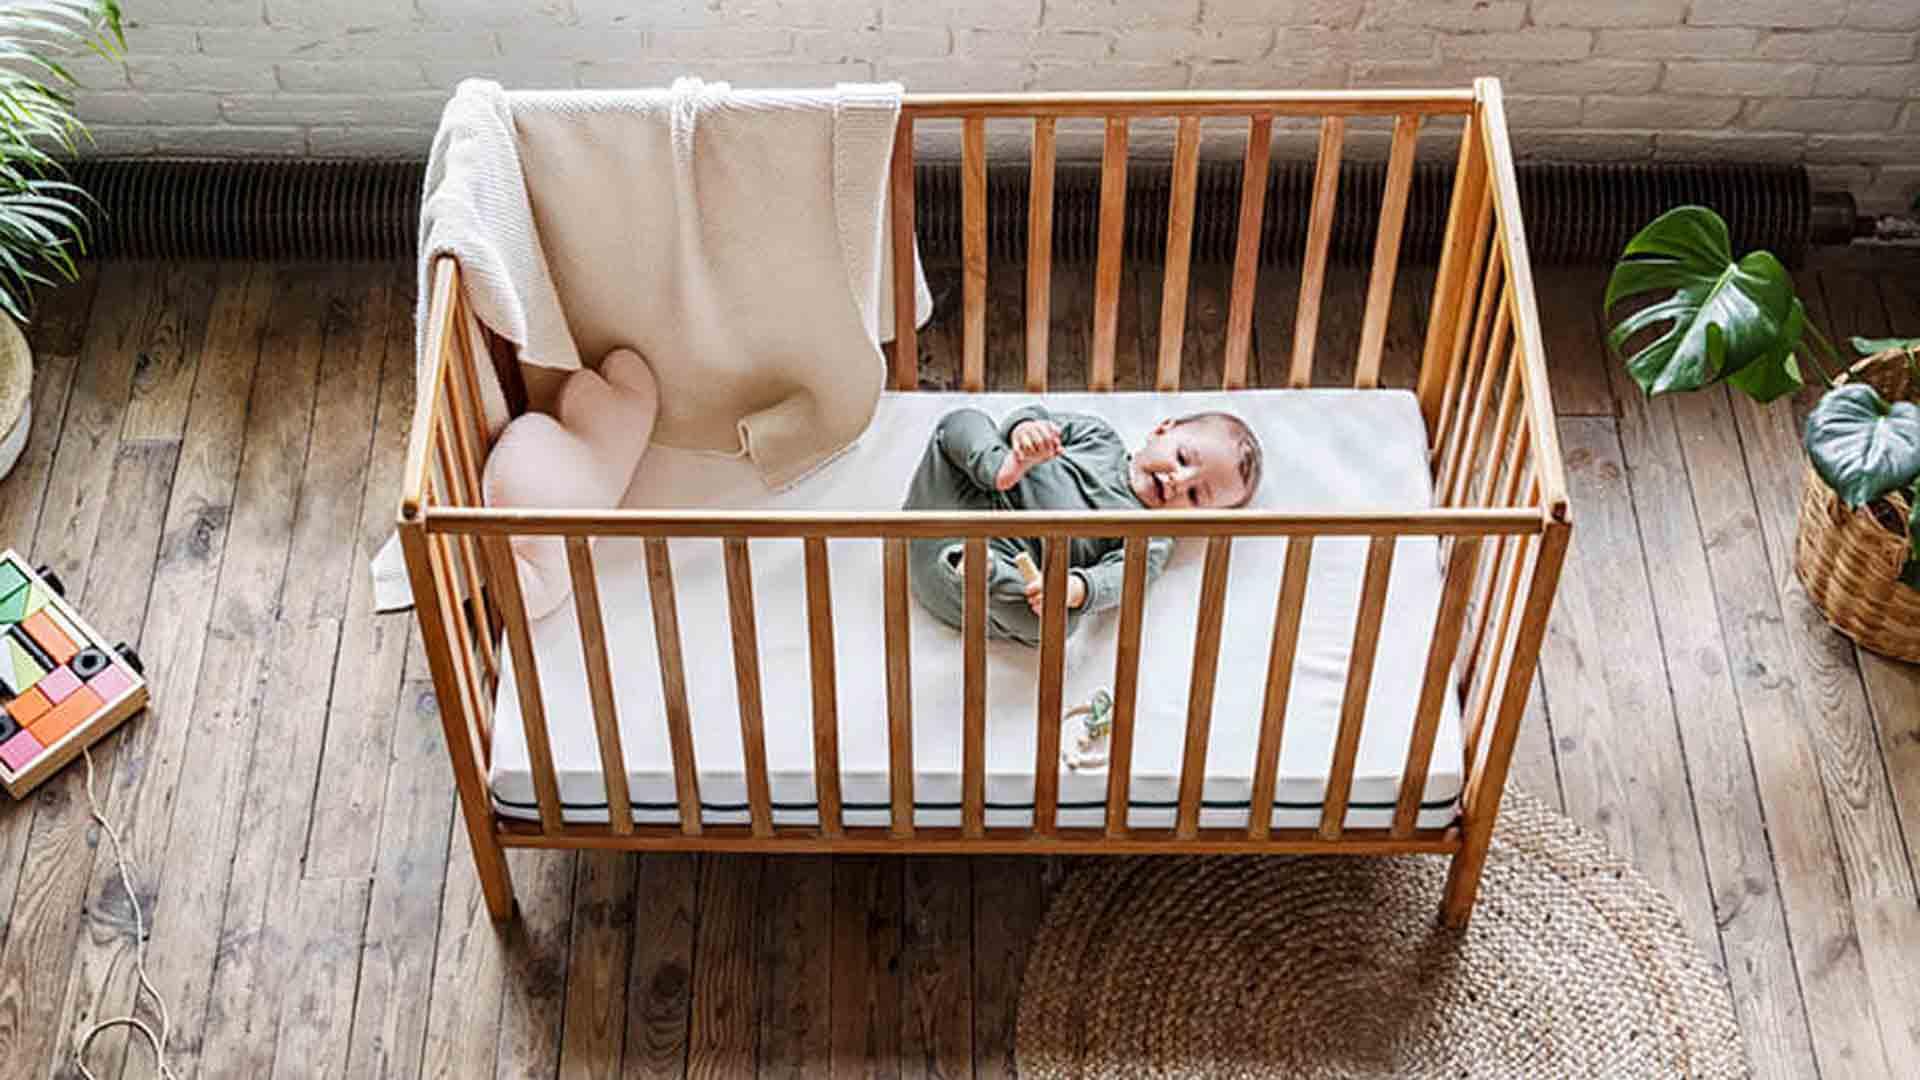 Lit bébé zéro déchet mobilier bois écologique